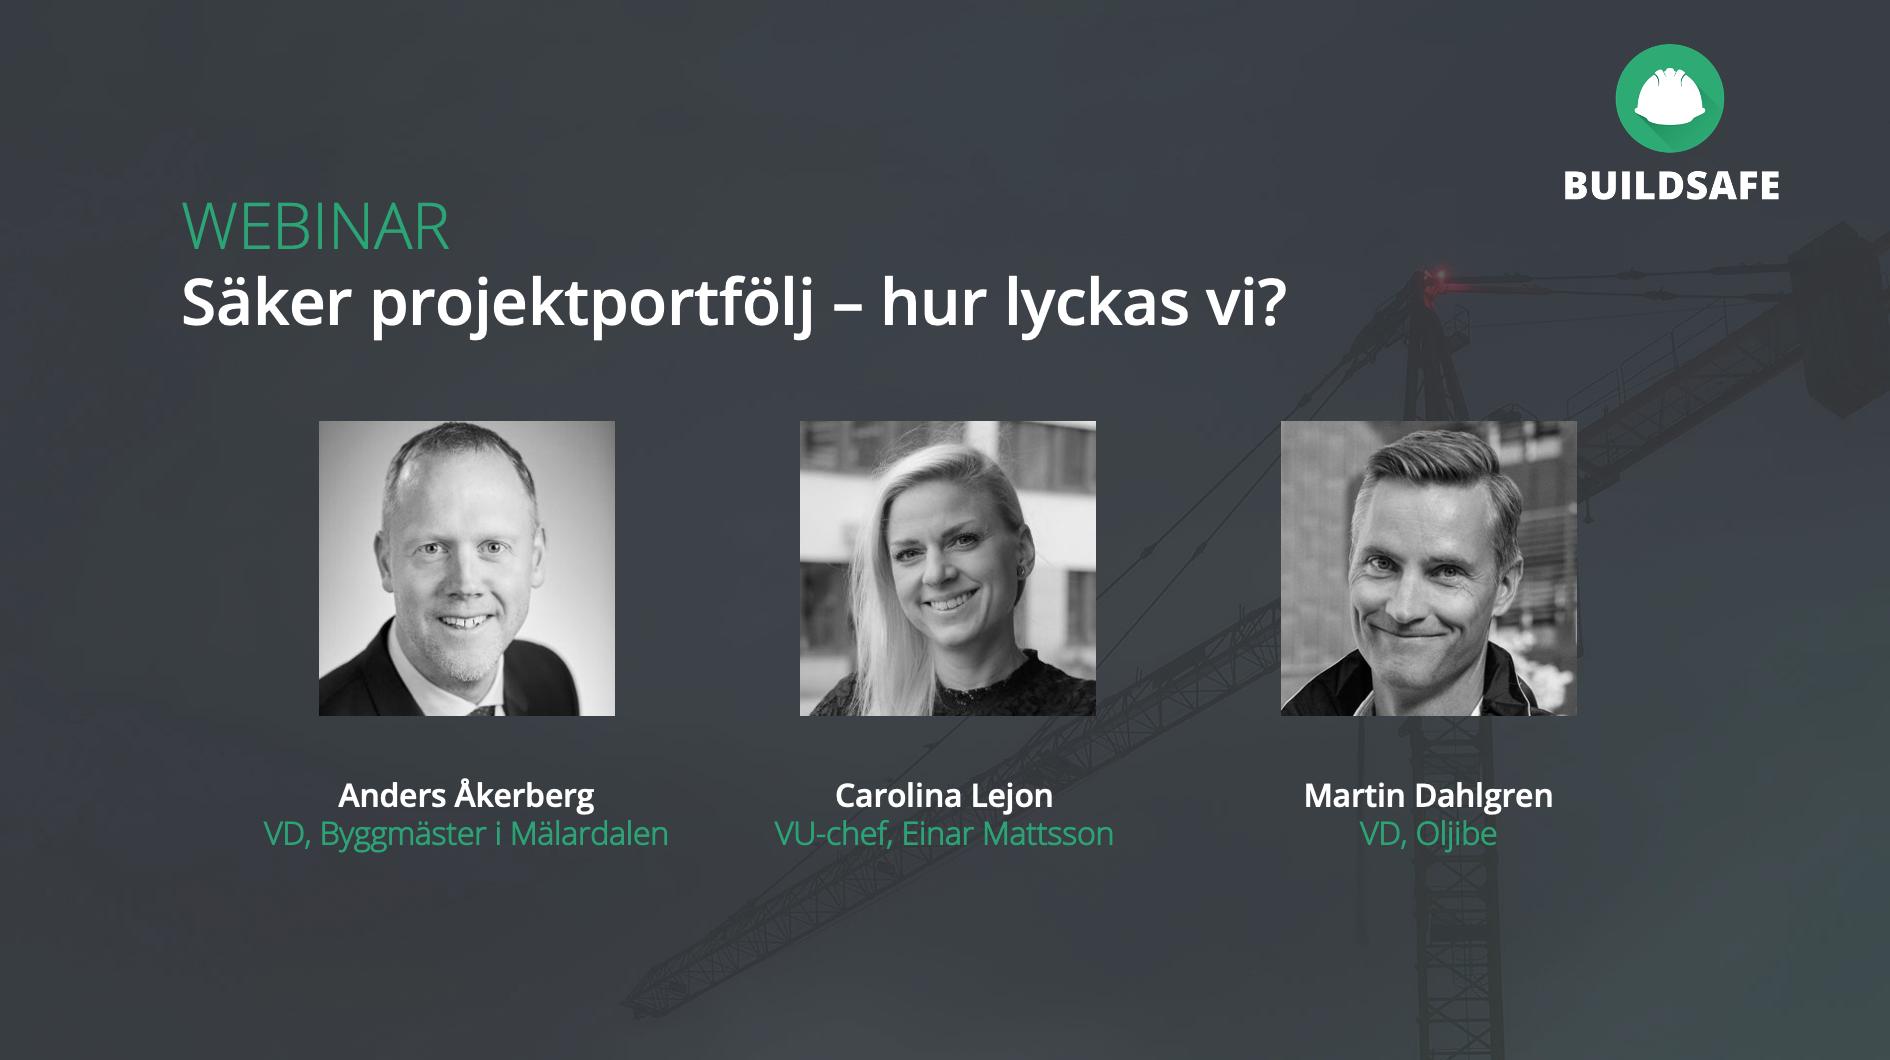 Webinar: säker projektportfölj – hur lyckas vi?